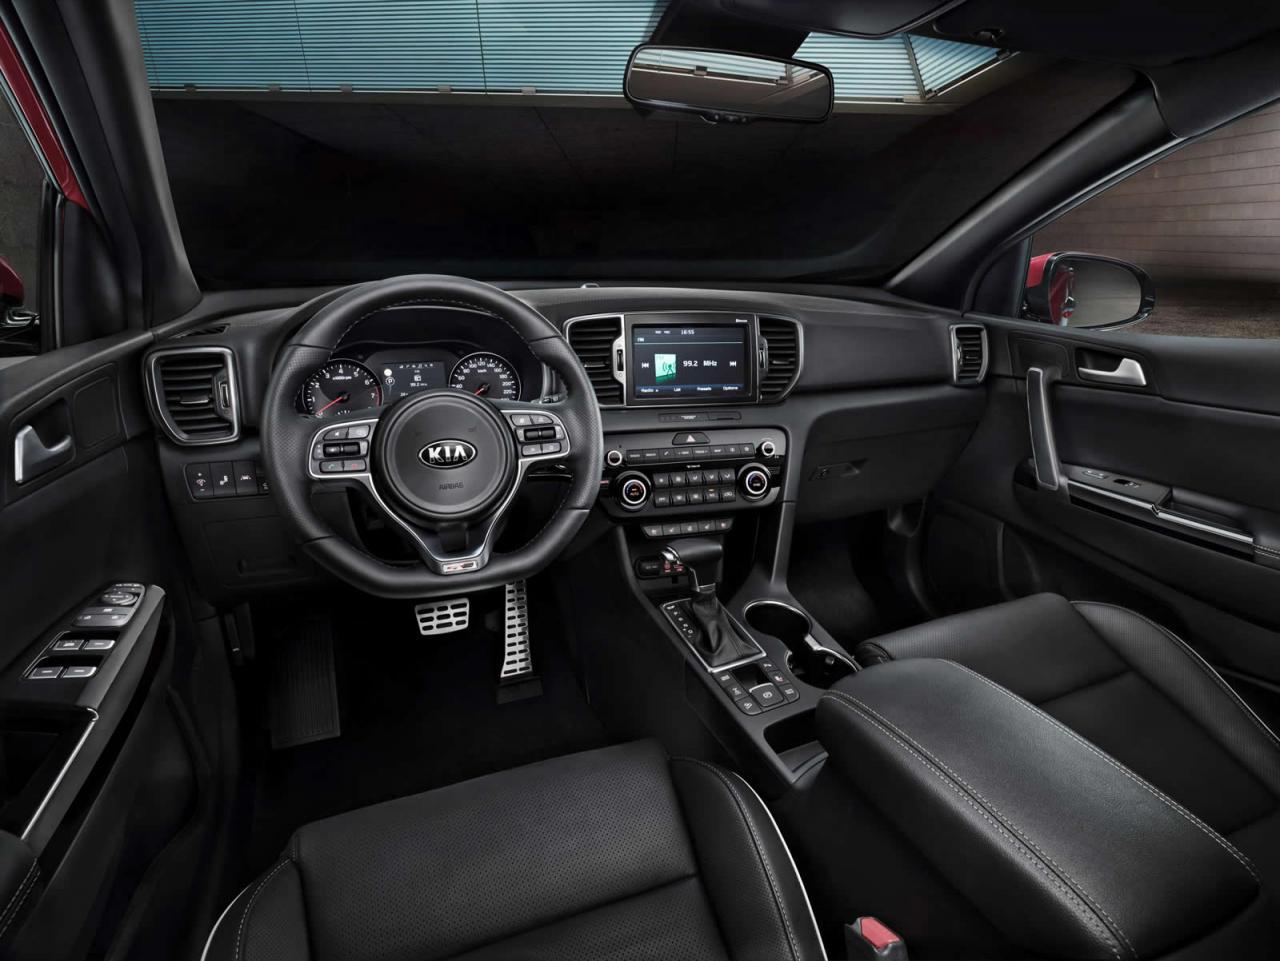 Kia Sportage 2016 интерьер передняя панель